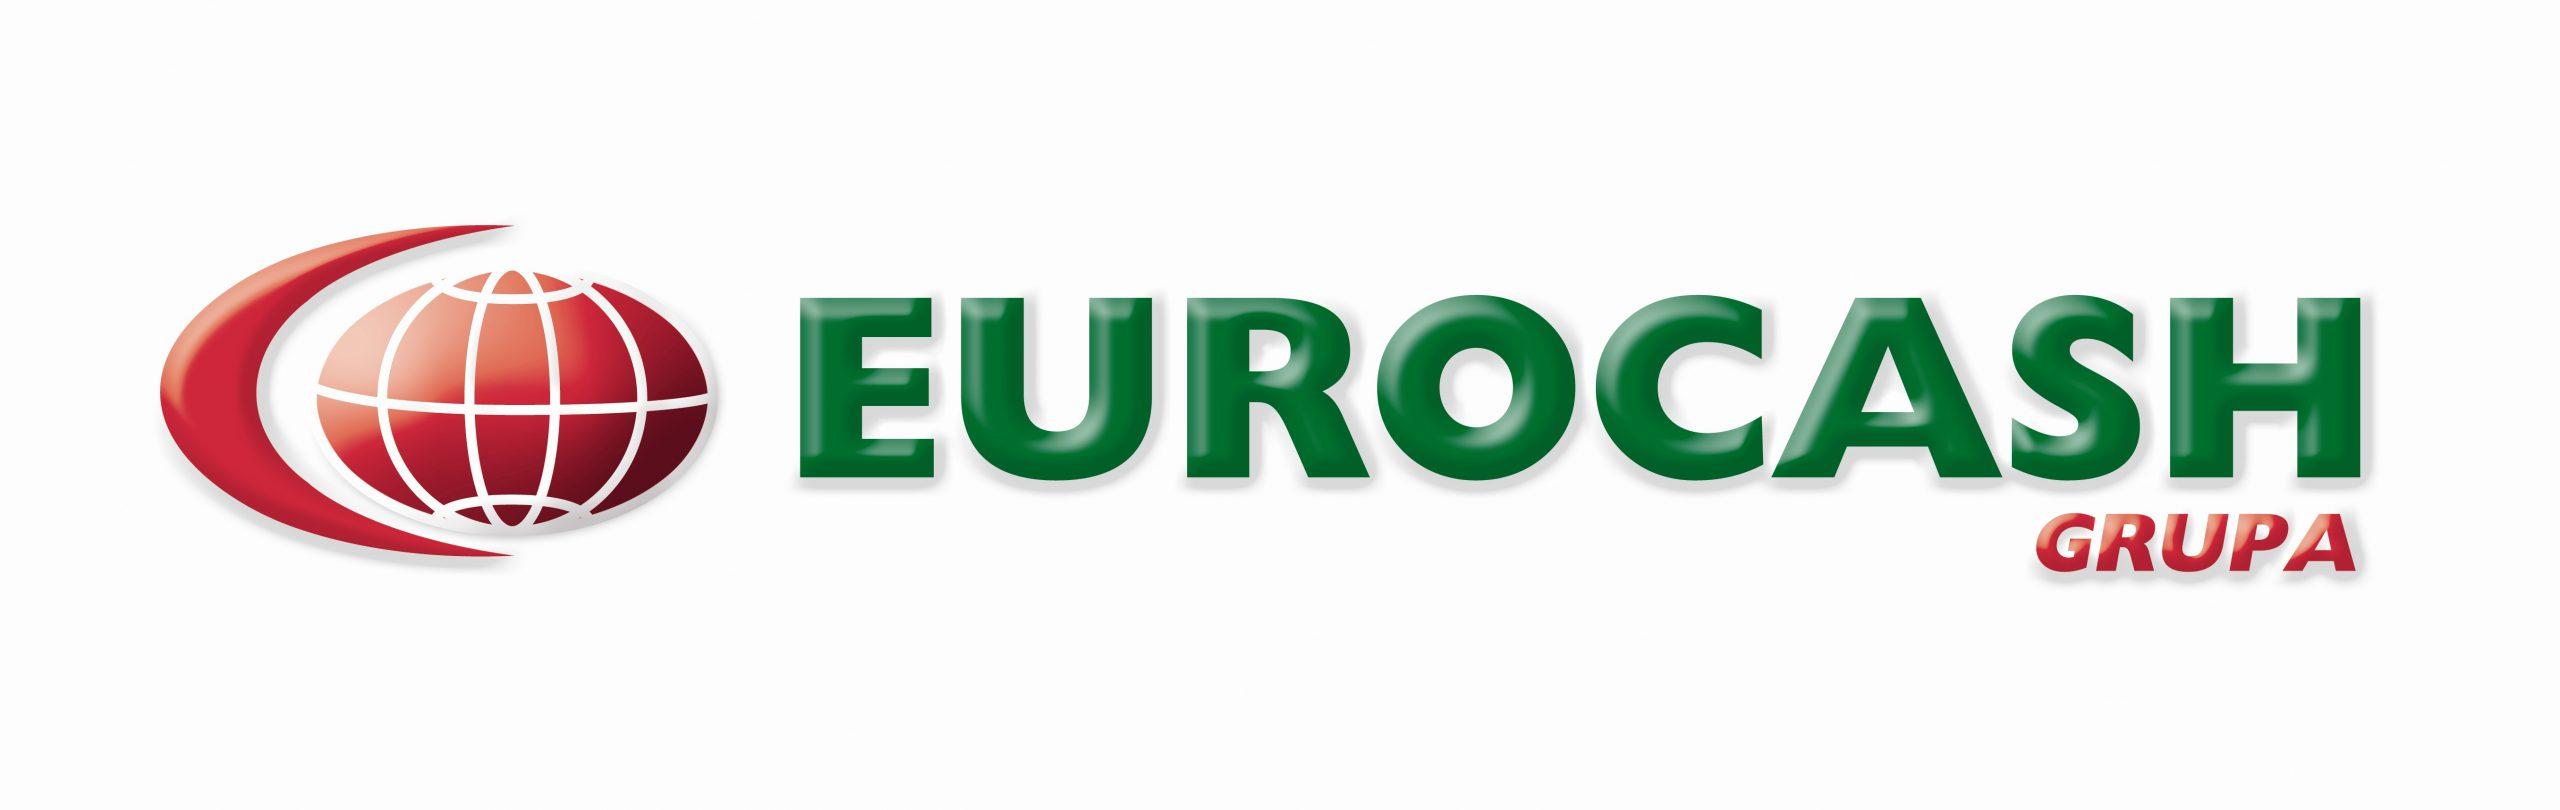 Wyniki Grupy Eurocash za II kwartał 2015 r.